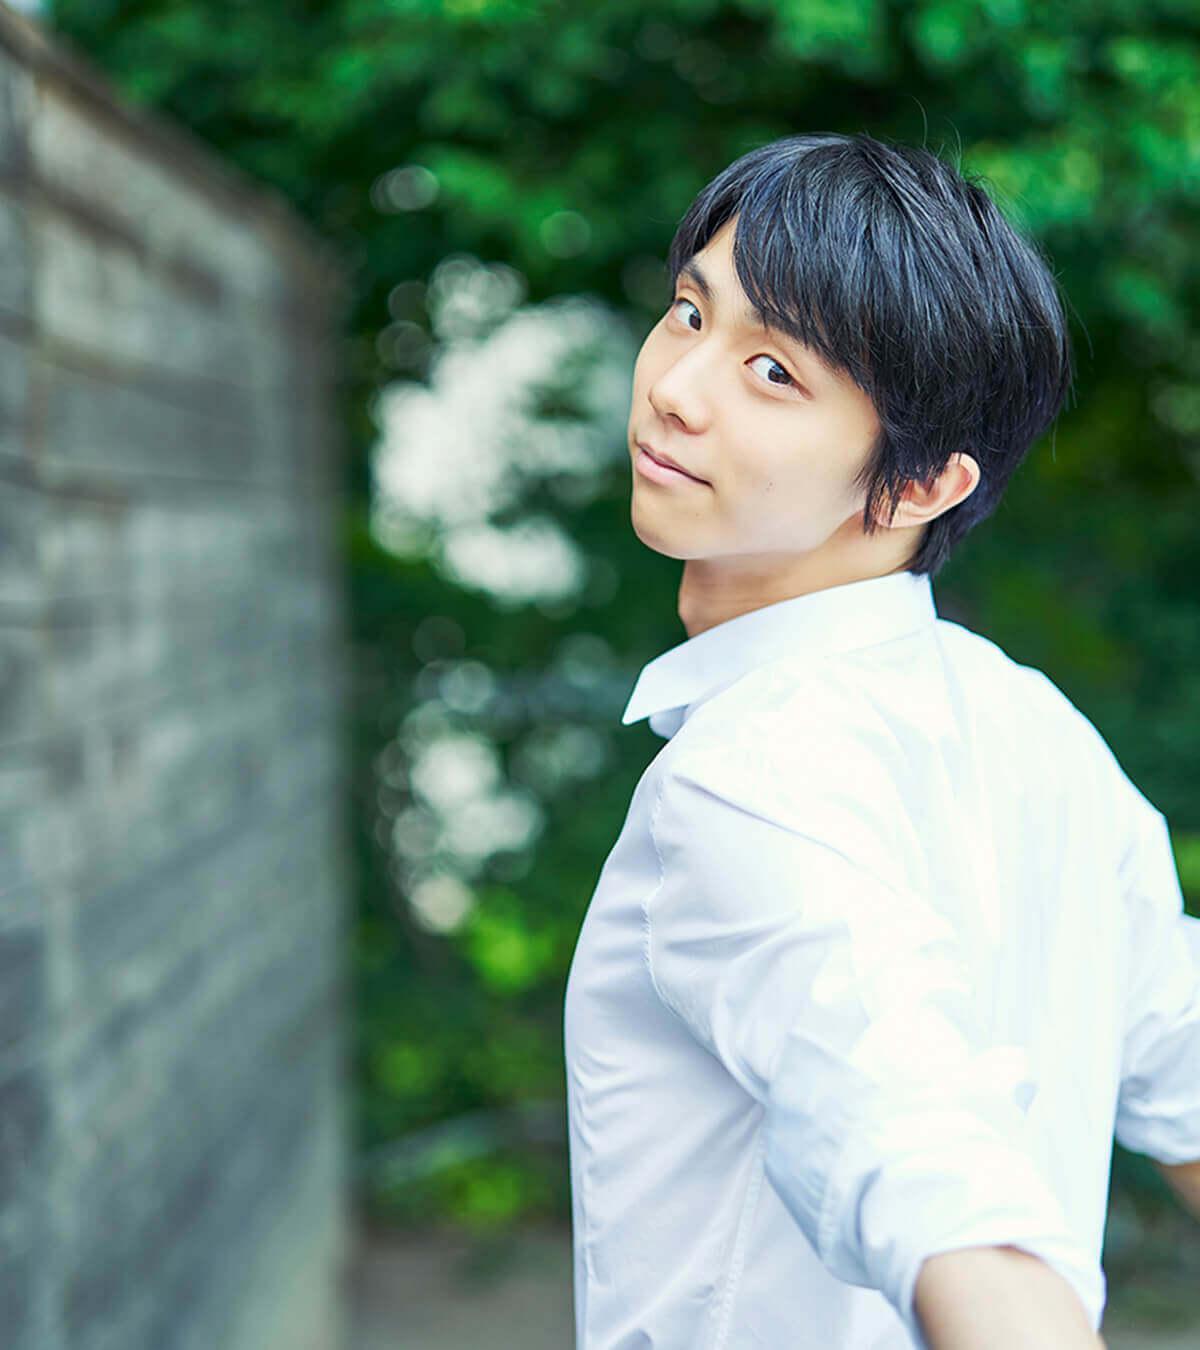 「YUZURU II」の特設サイトがオープン!!そして、写真集発売記念写真展を仙台で開催決定!